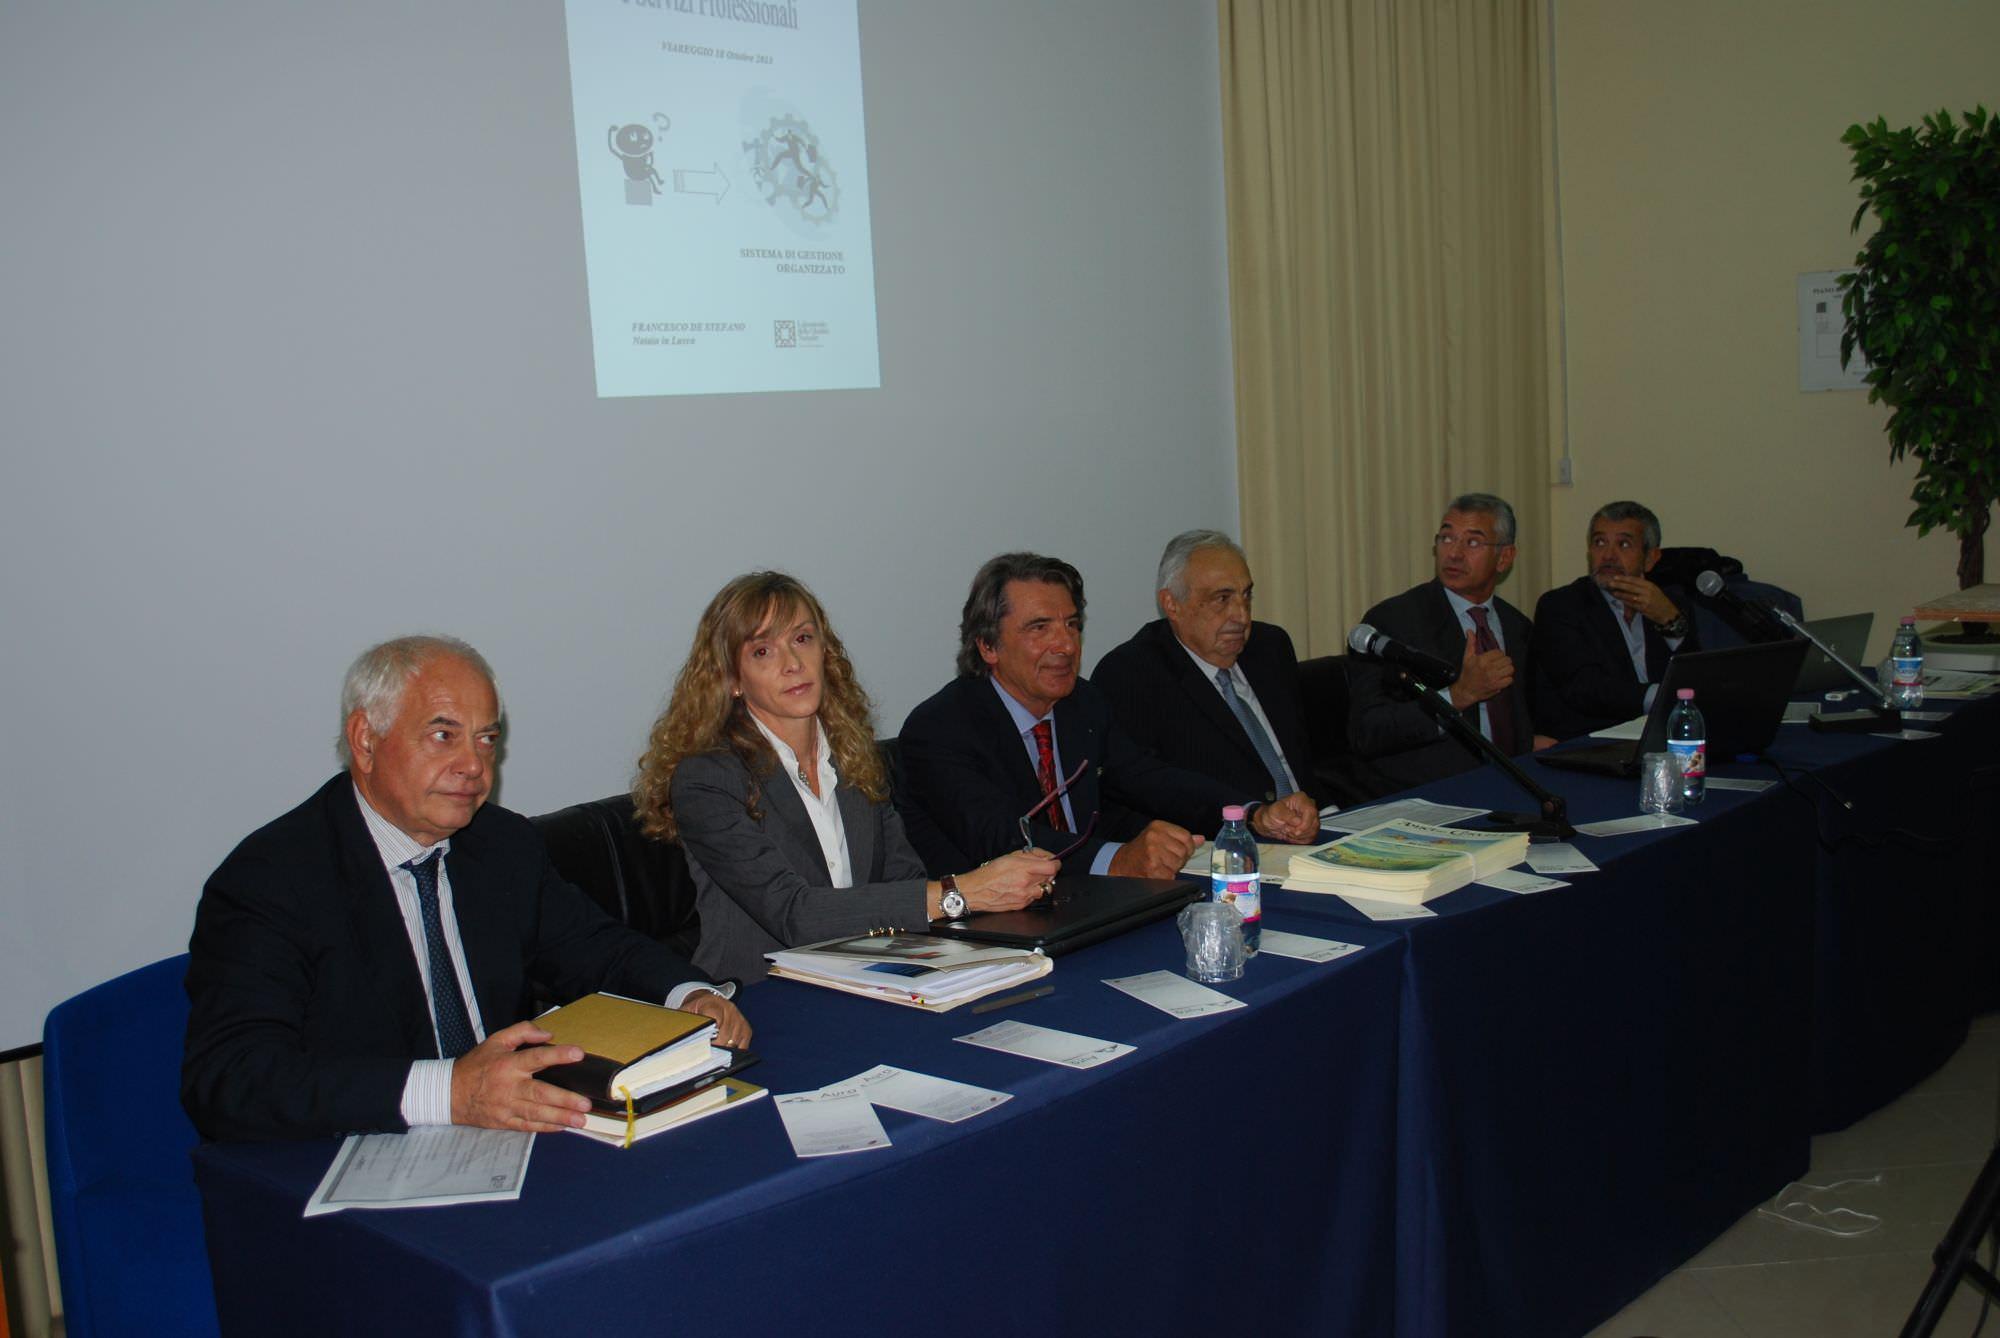 Le professioni legali di fronte alla crisi economica un incontro organizzato da concredito - Le finestre di fronte ...